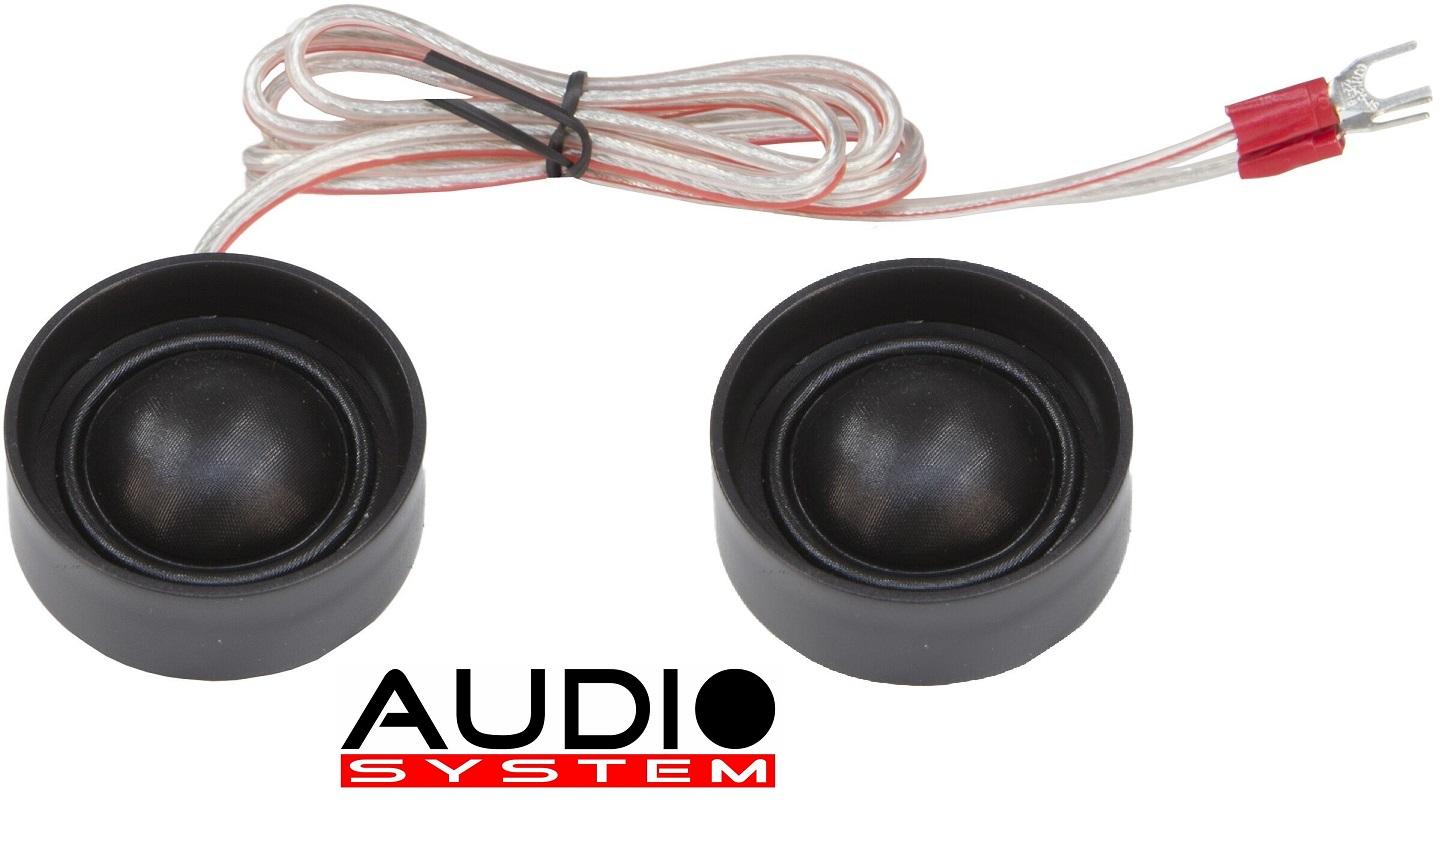 Audio System HS 24 EM EVO 2 25 mm Gewebe-Unterbau-Neodymhochtöner 1 Paar Hochtöner Tweeter